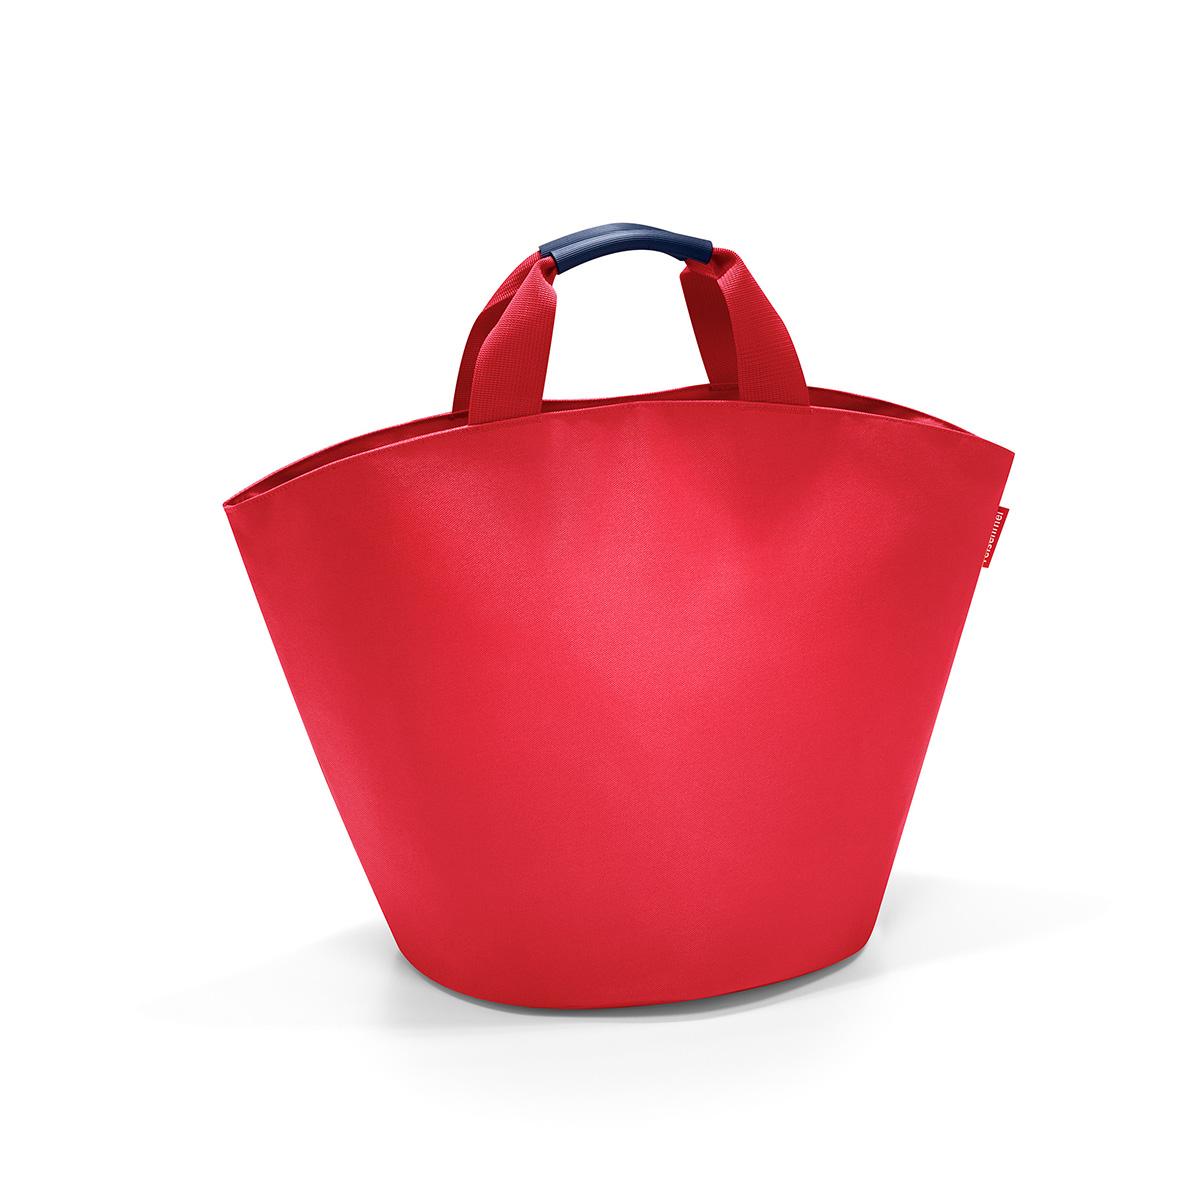 Сумка женская Reisenthel Ibizashopper, цвет: красный. BM3004101225Универсальная женская сумка Reisenthel Ibizashopper изготовлена из плотного полиэстера.Сумка содержит одно вместительное отделение, закрывающееся хлястиком на кнопки. Внутри расположен врезной карман на застежке-молнии. Ручки дополнены специальным покрытием, которое обеспечит максимальный комфорт при эксплуатации изделия.Практичная сумка станет незаменимым аксессуаром для повседневного использования.